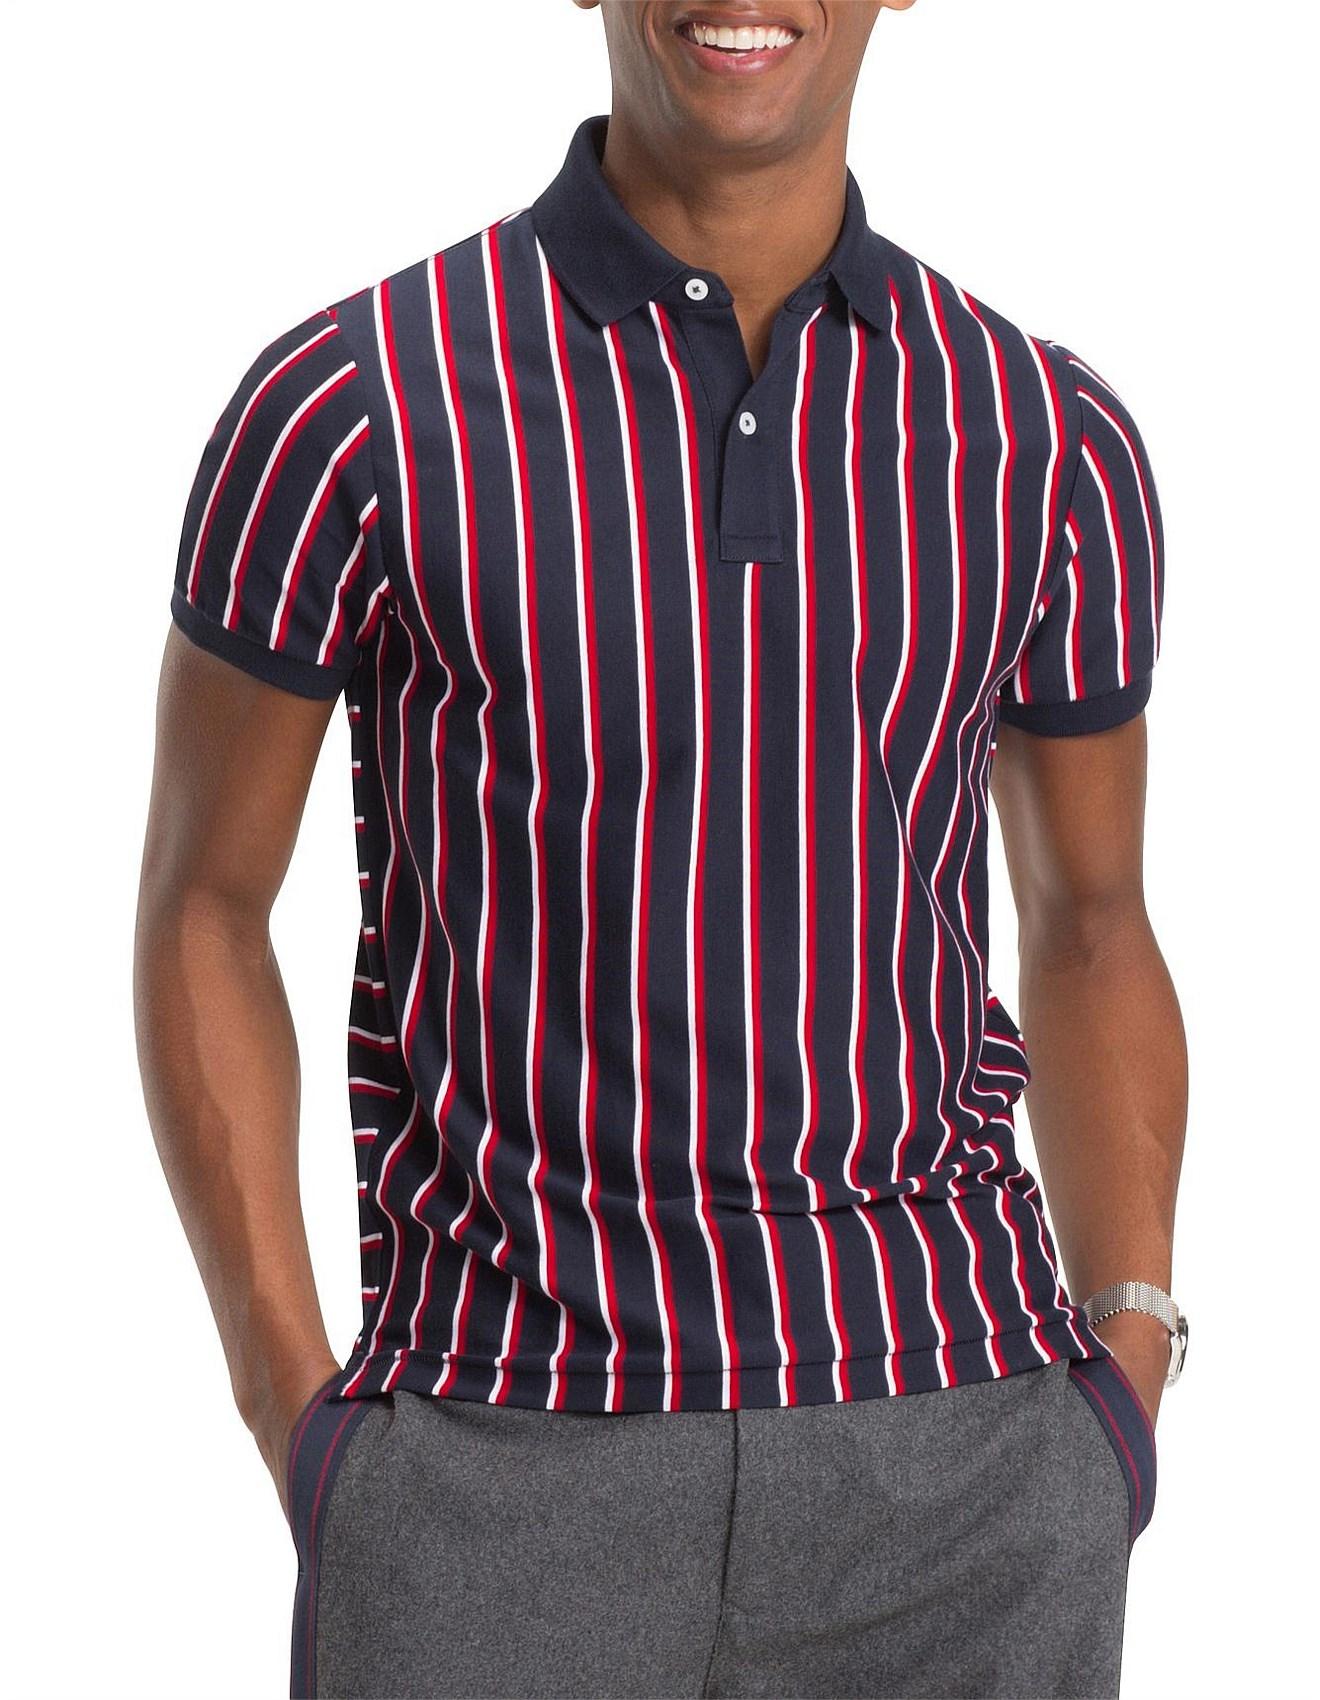 c84a9e3d Men's Polo Shirts Sale | Buy Polo Shirts Online | David Jones - VERTICAL  STRIPE SLIM POLO